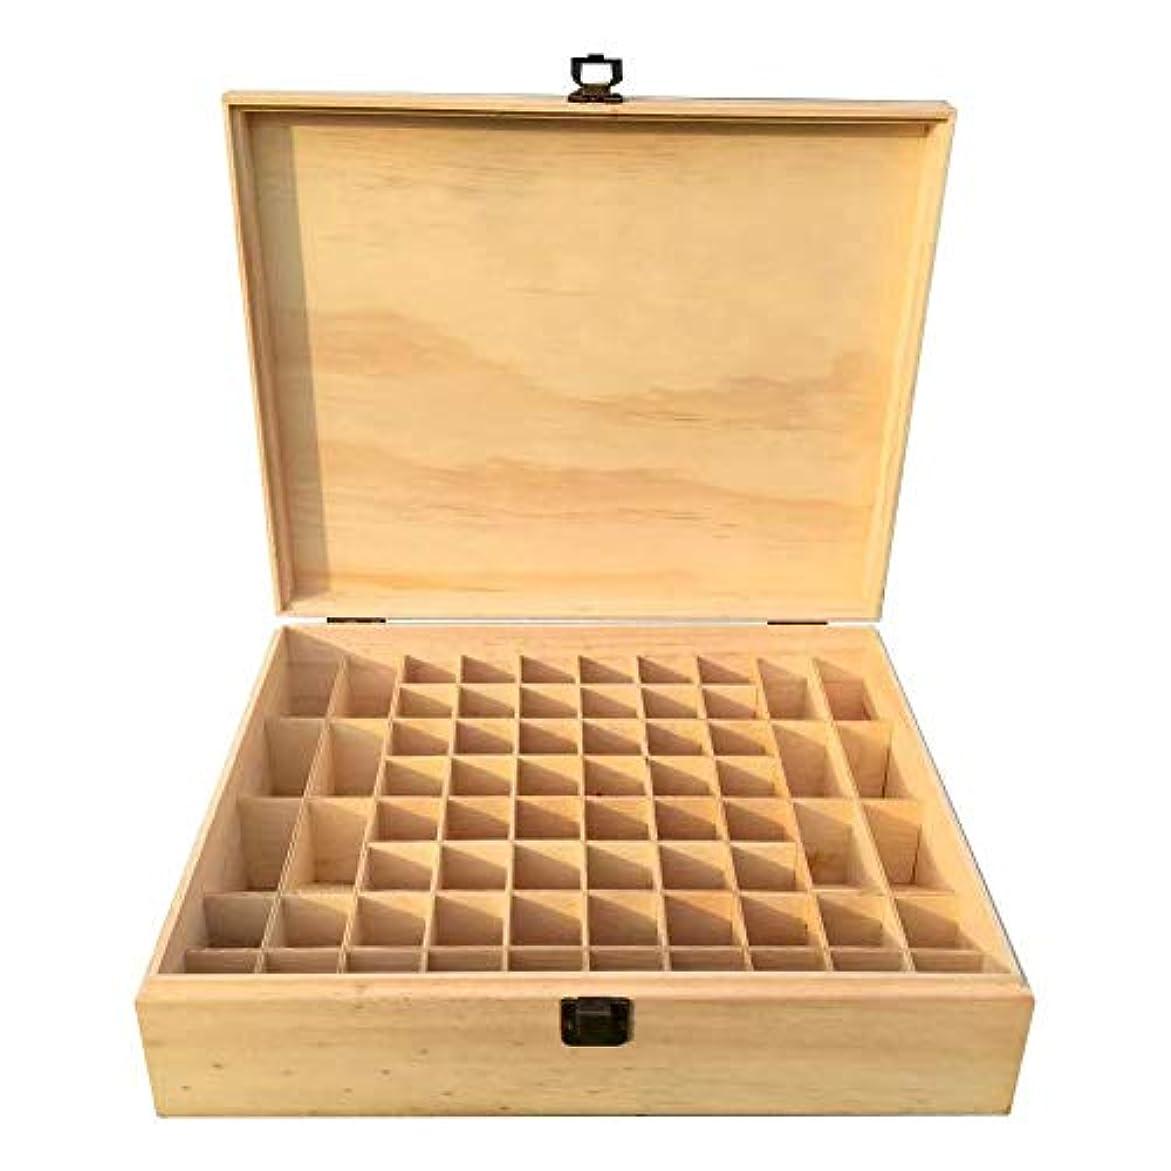 感情ランドマーク思い出させる木製エッセンシャルオイル収納ボックス 精油収納ケース 68グリッド 大容量 5~15MLボトル用 junexi